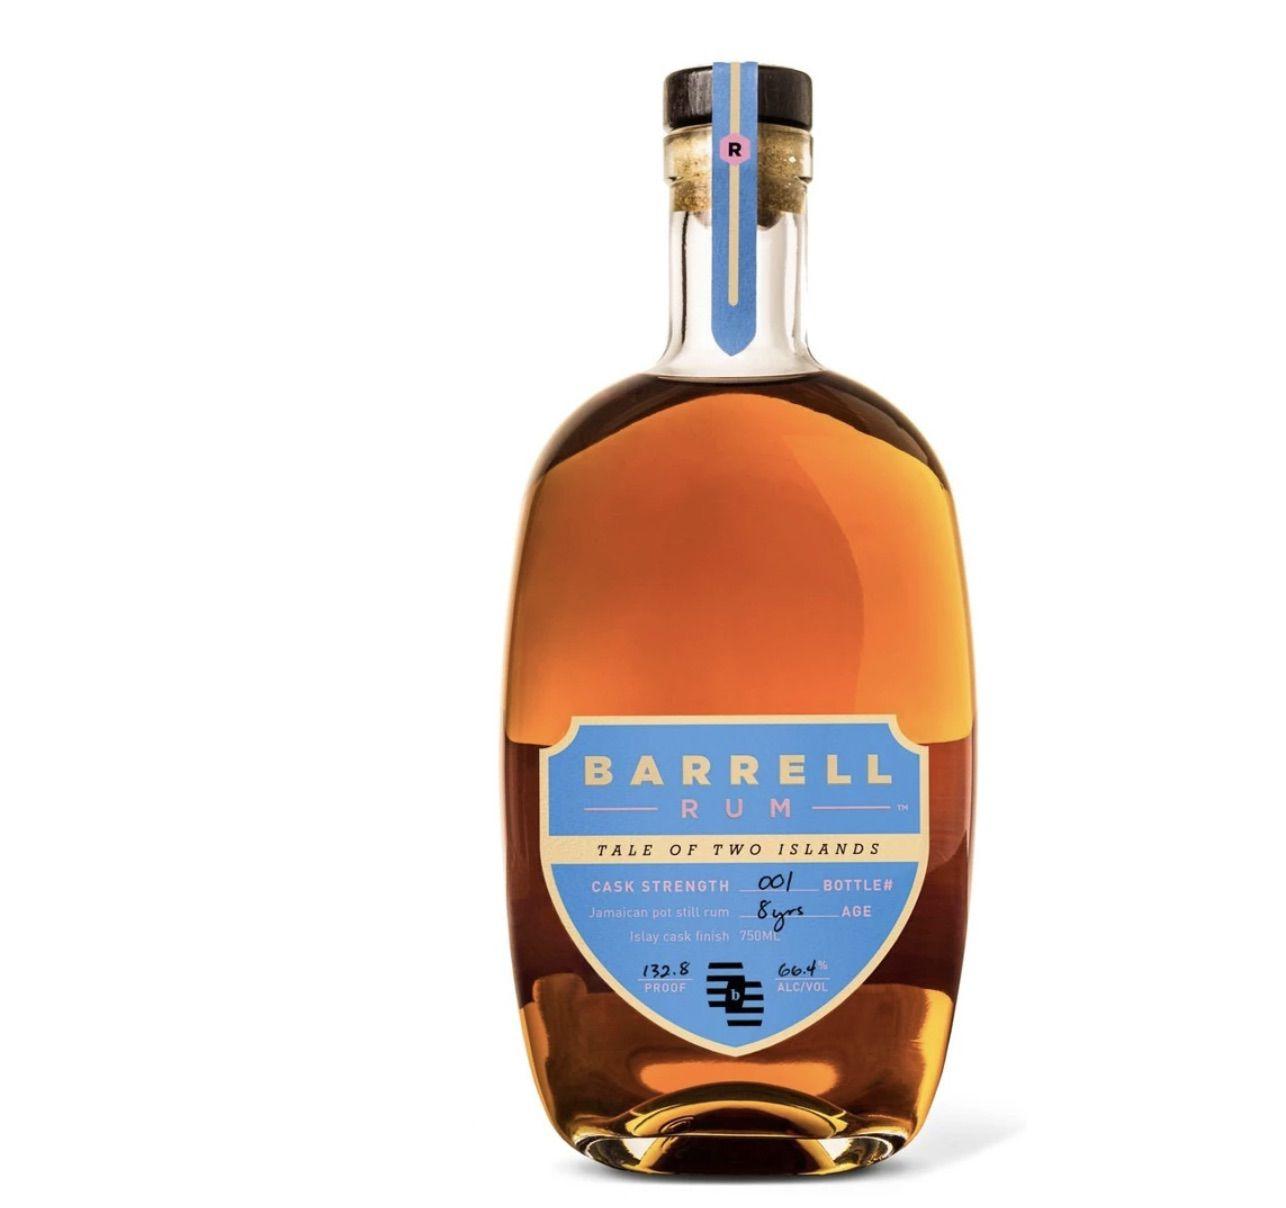 Barrel Rum Tale of Two Islands